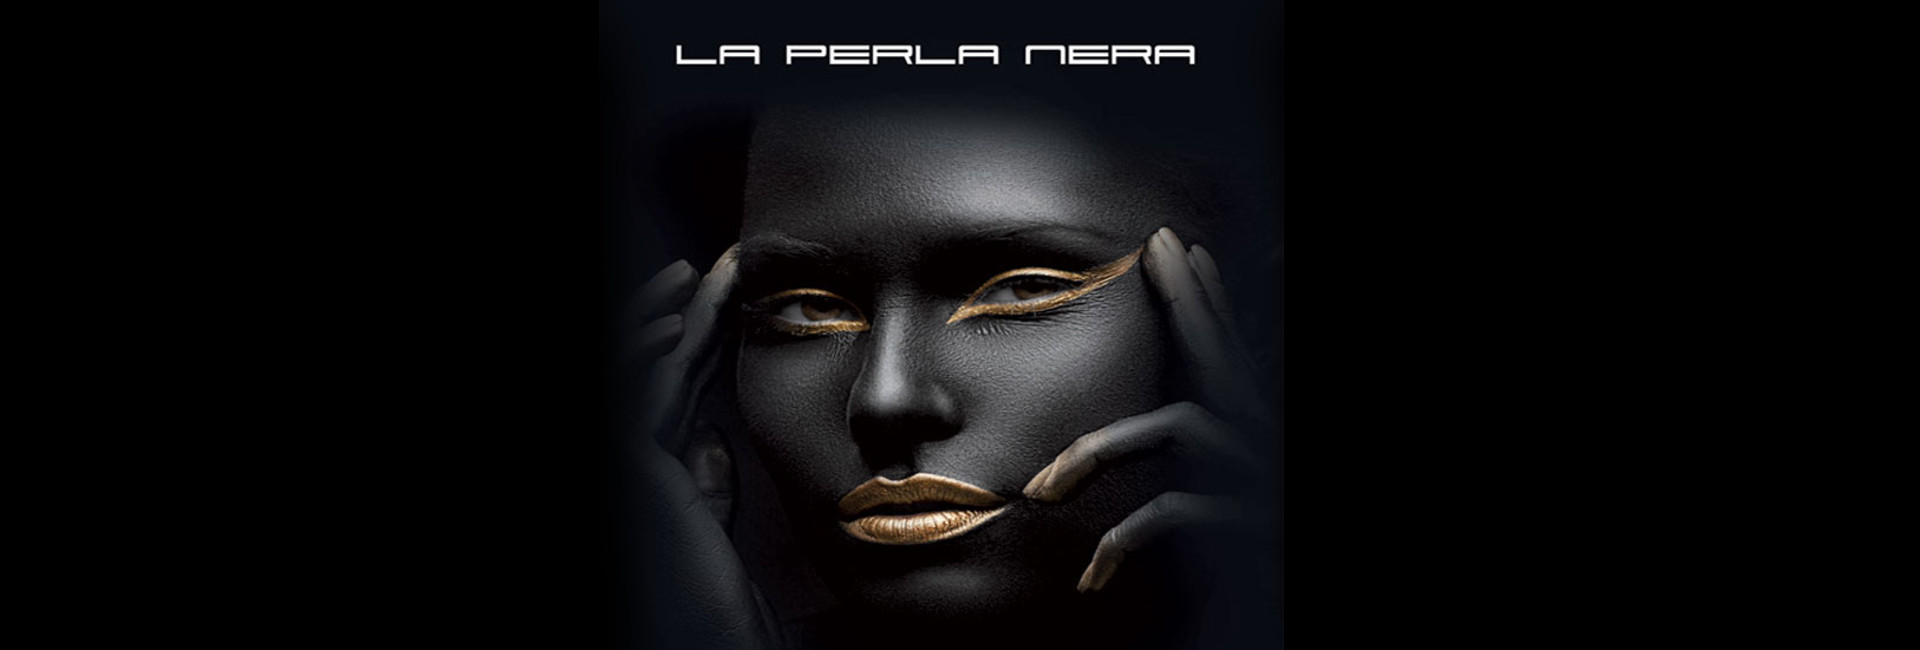 LA Perla Nera-méregtelenítő kezelés